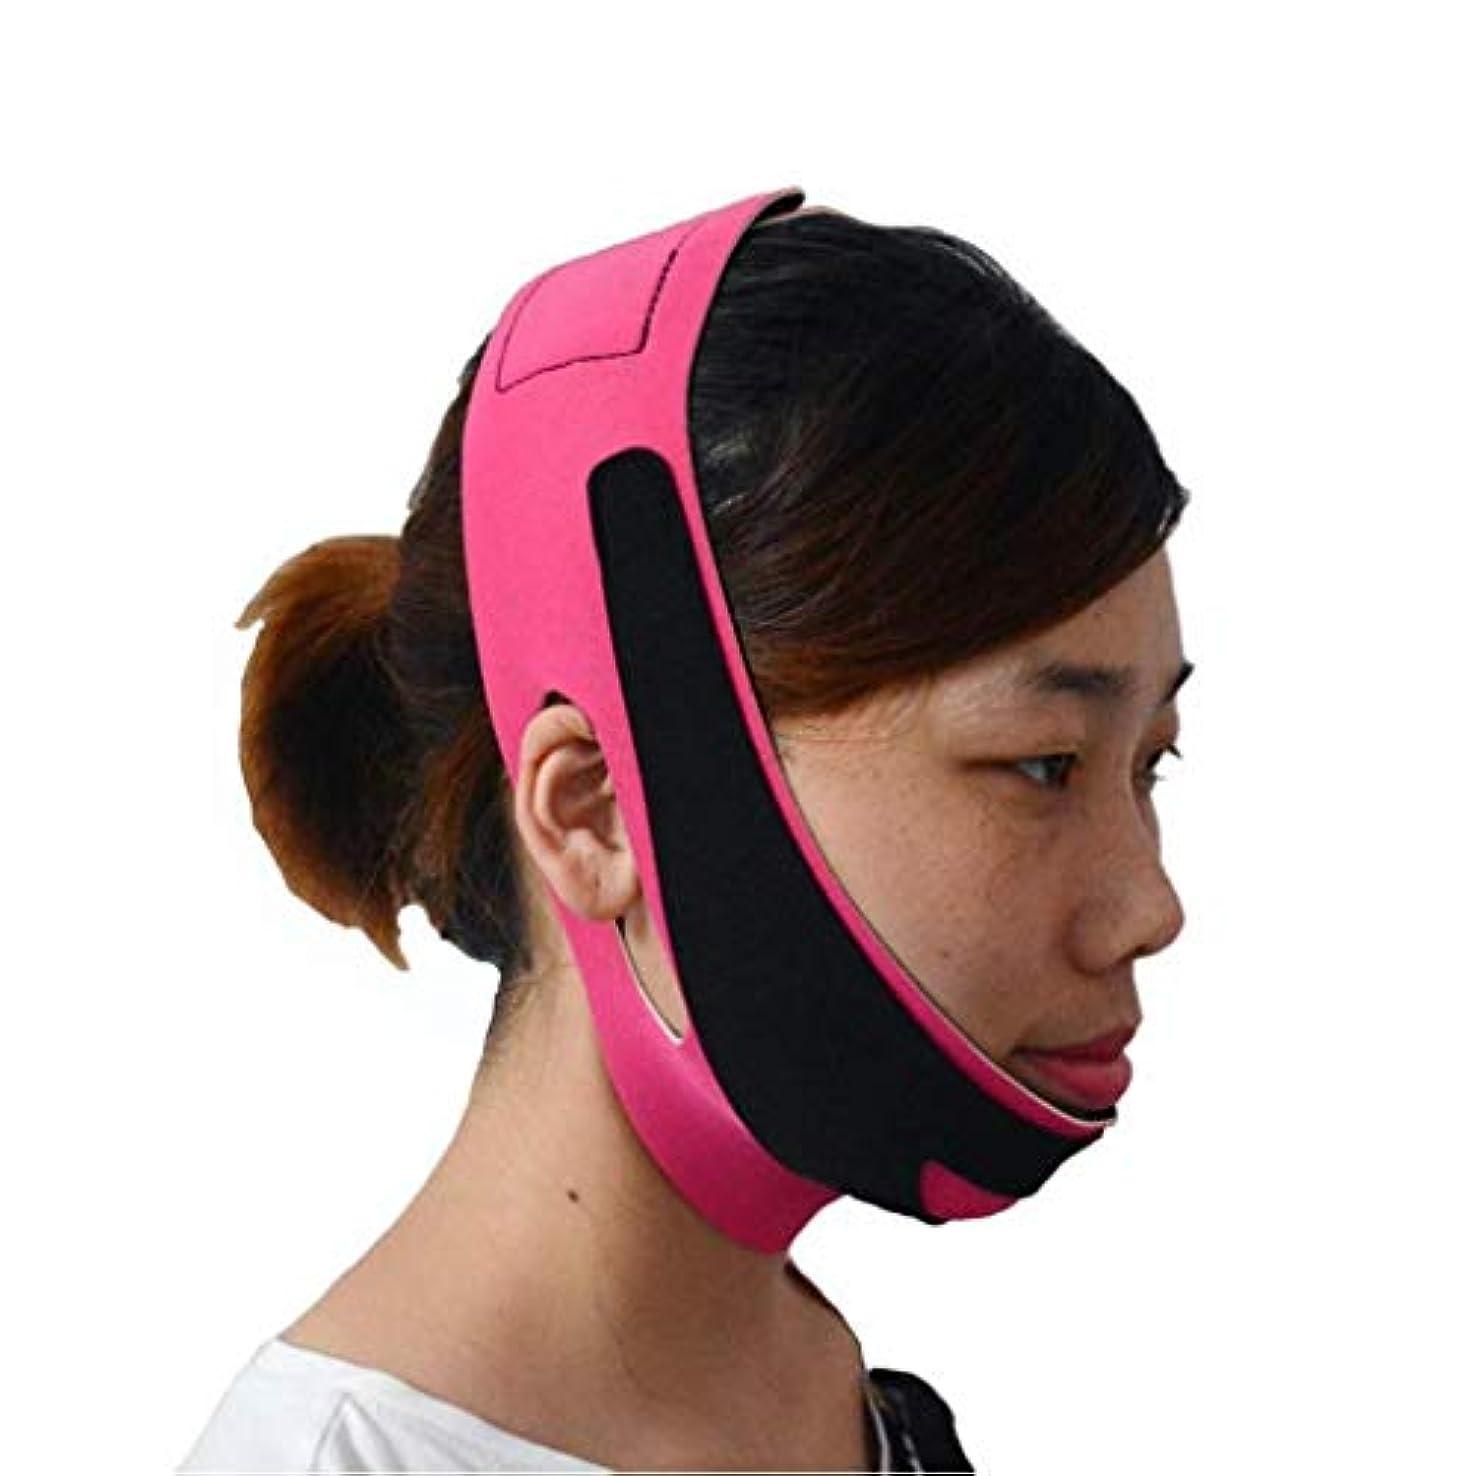 タックル怠男らしいVフェイスラインベルトチンチークスリムリフトアップアンチリンクルマスク超薄型ストラップバンドVフェイスラインベルトストラップバンド通気性